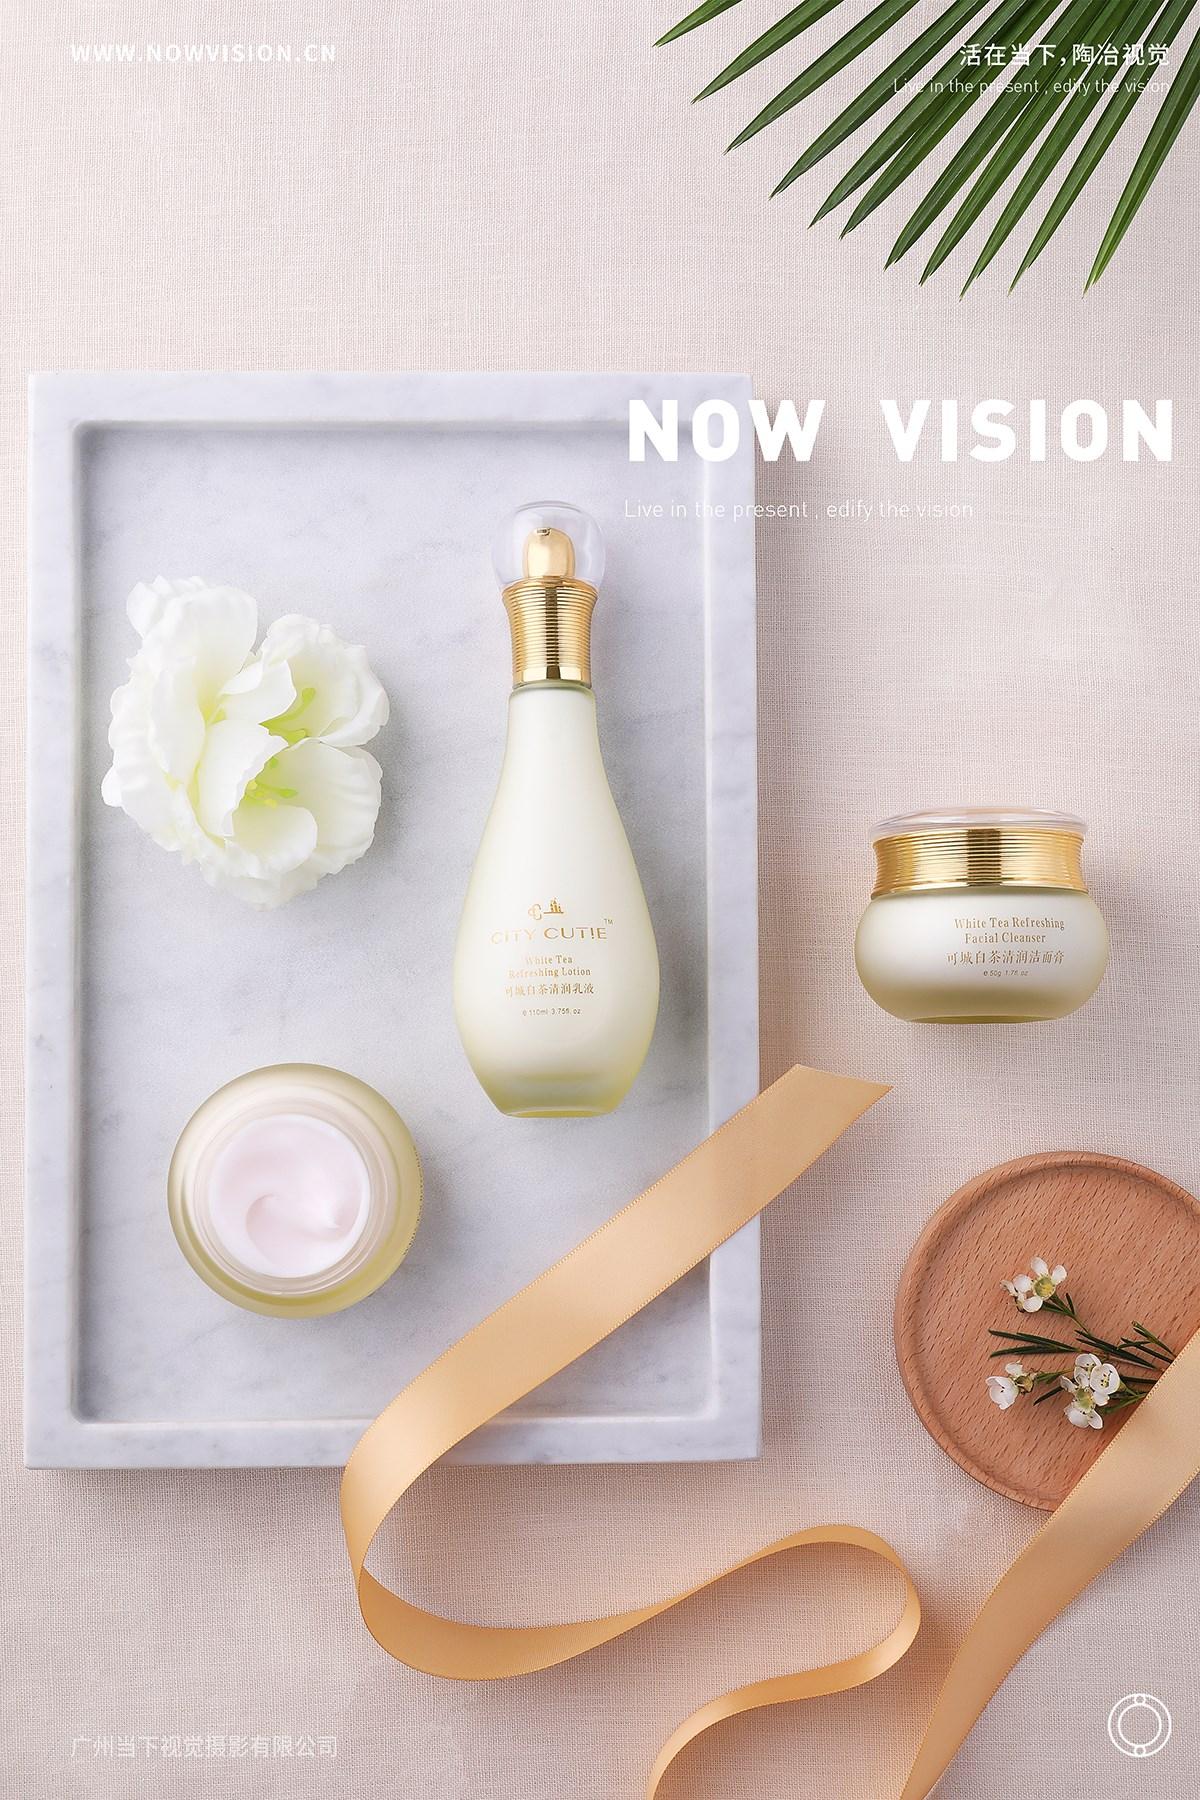 化妆品·可城白茶系列产品拍摄 | 当下视觉摄影 | NOWVISION